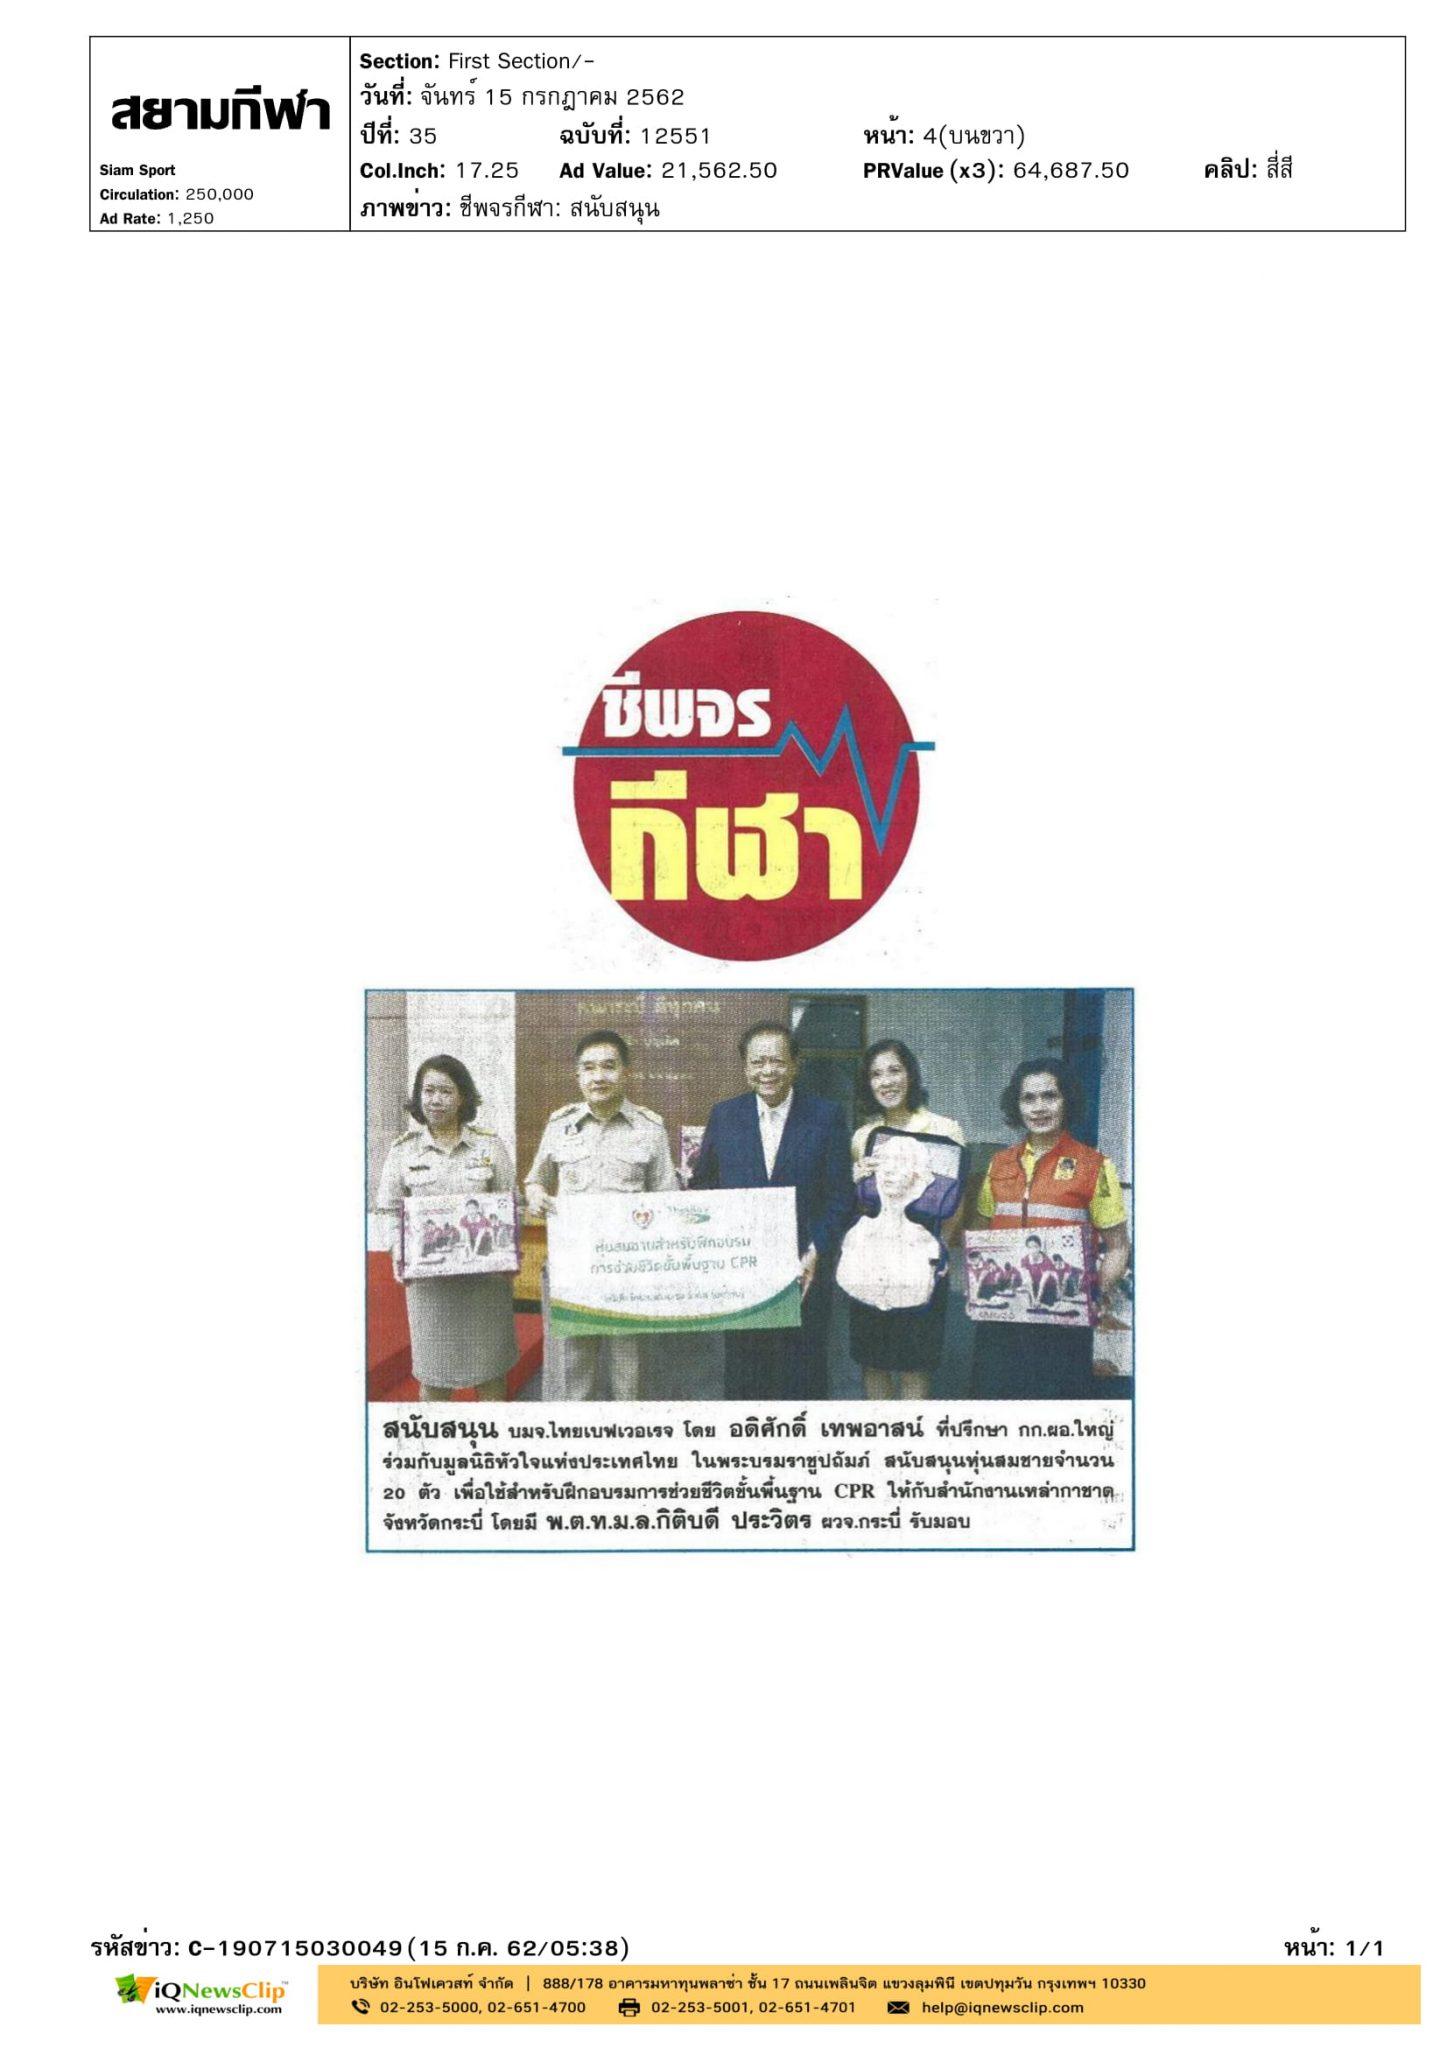 บริษัท ไทยเบฟเวอเรจ จำกัด สนับสนุนหุ่นสมชาย